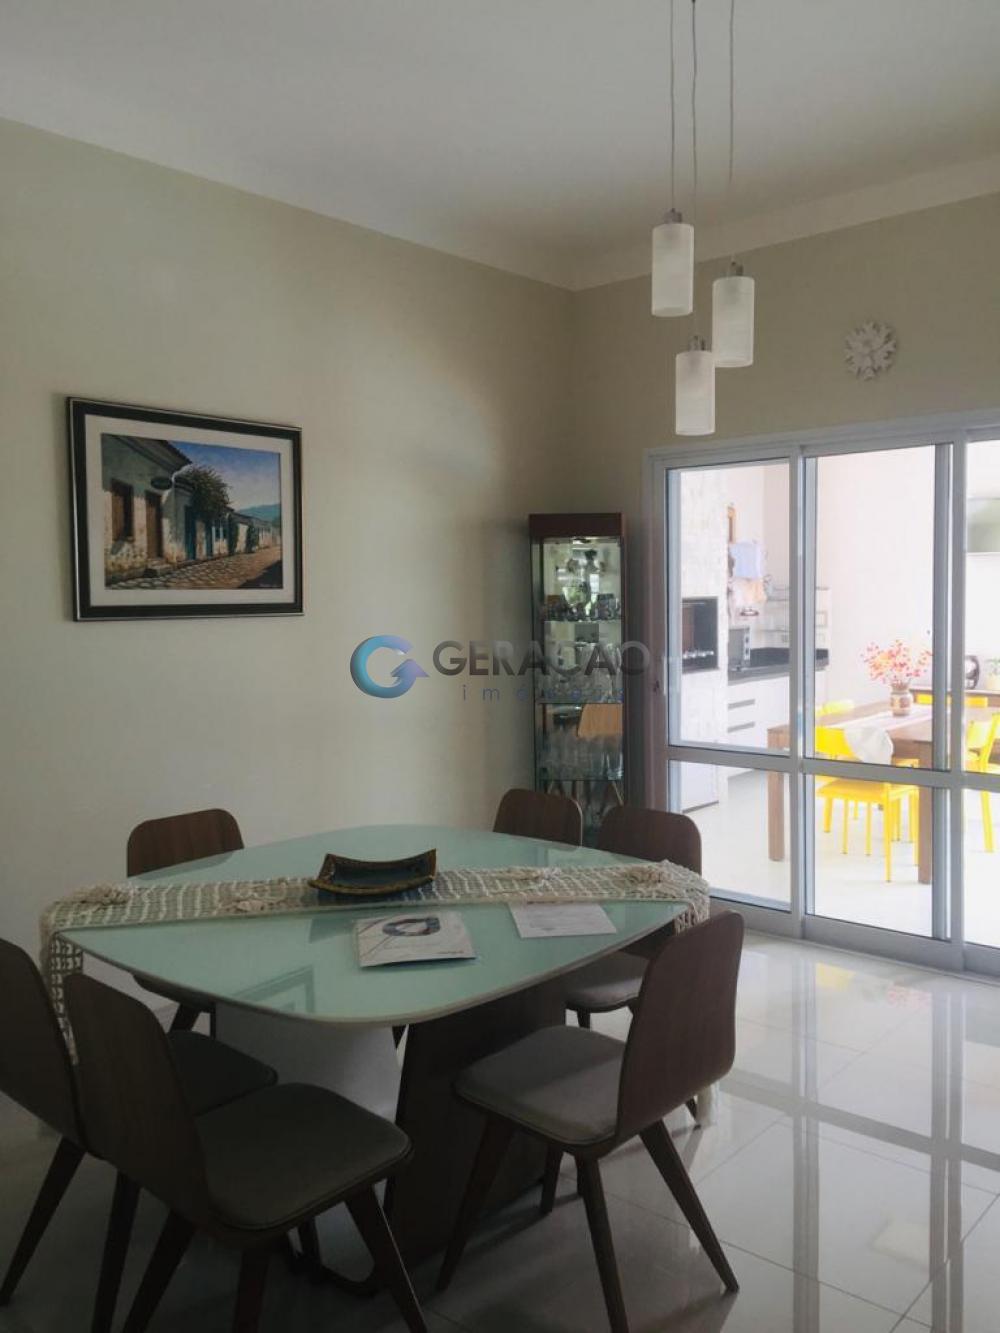 Comprar Casa / Condomínio em São José dos Campos apenas R$ 950.000,00 - Foto 5